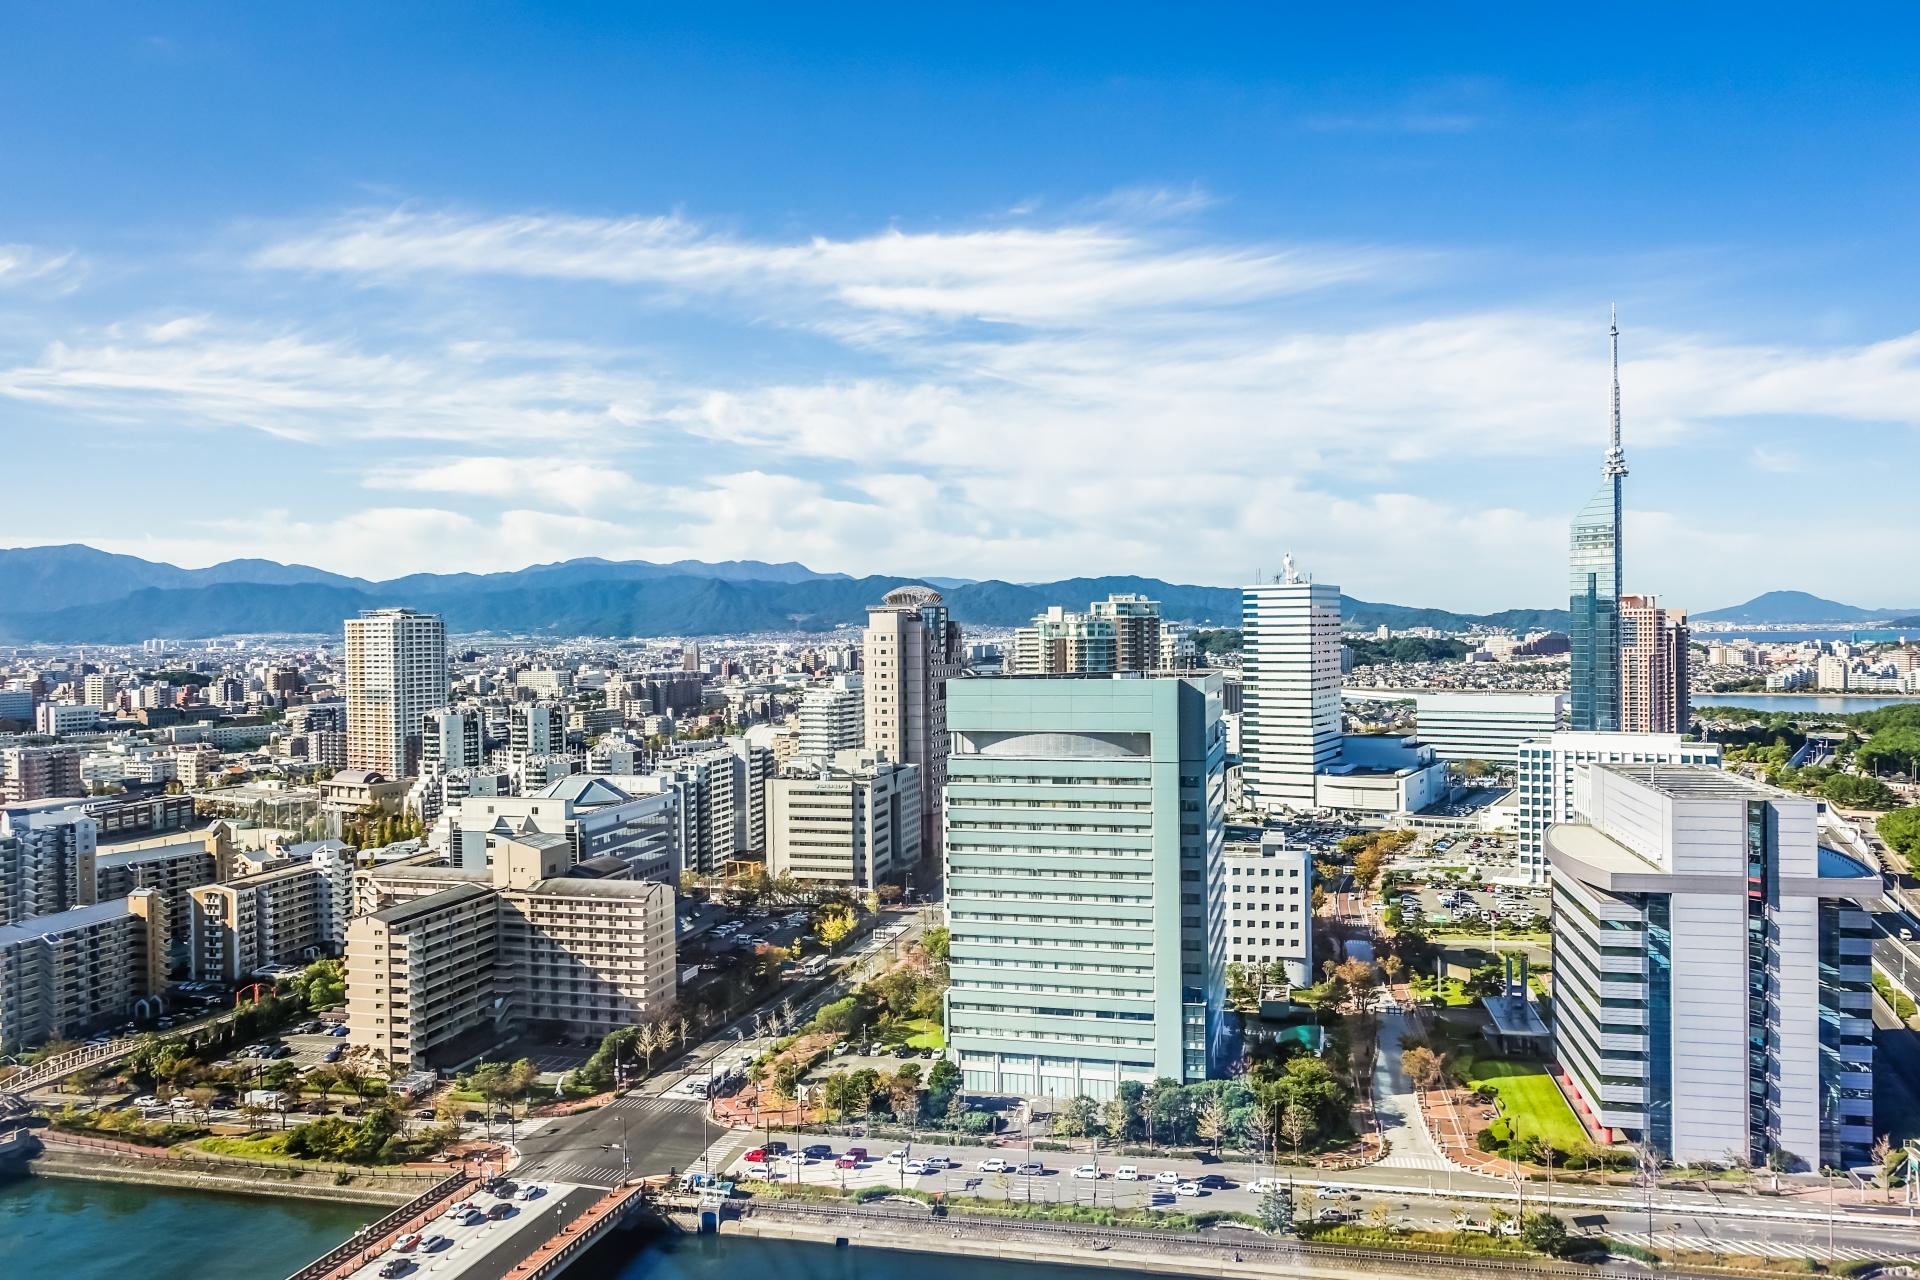 九州・沖縄エリアの地方銀行おまとめローン